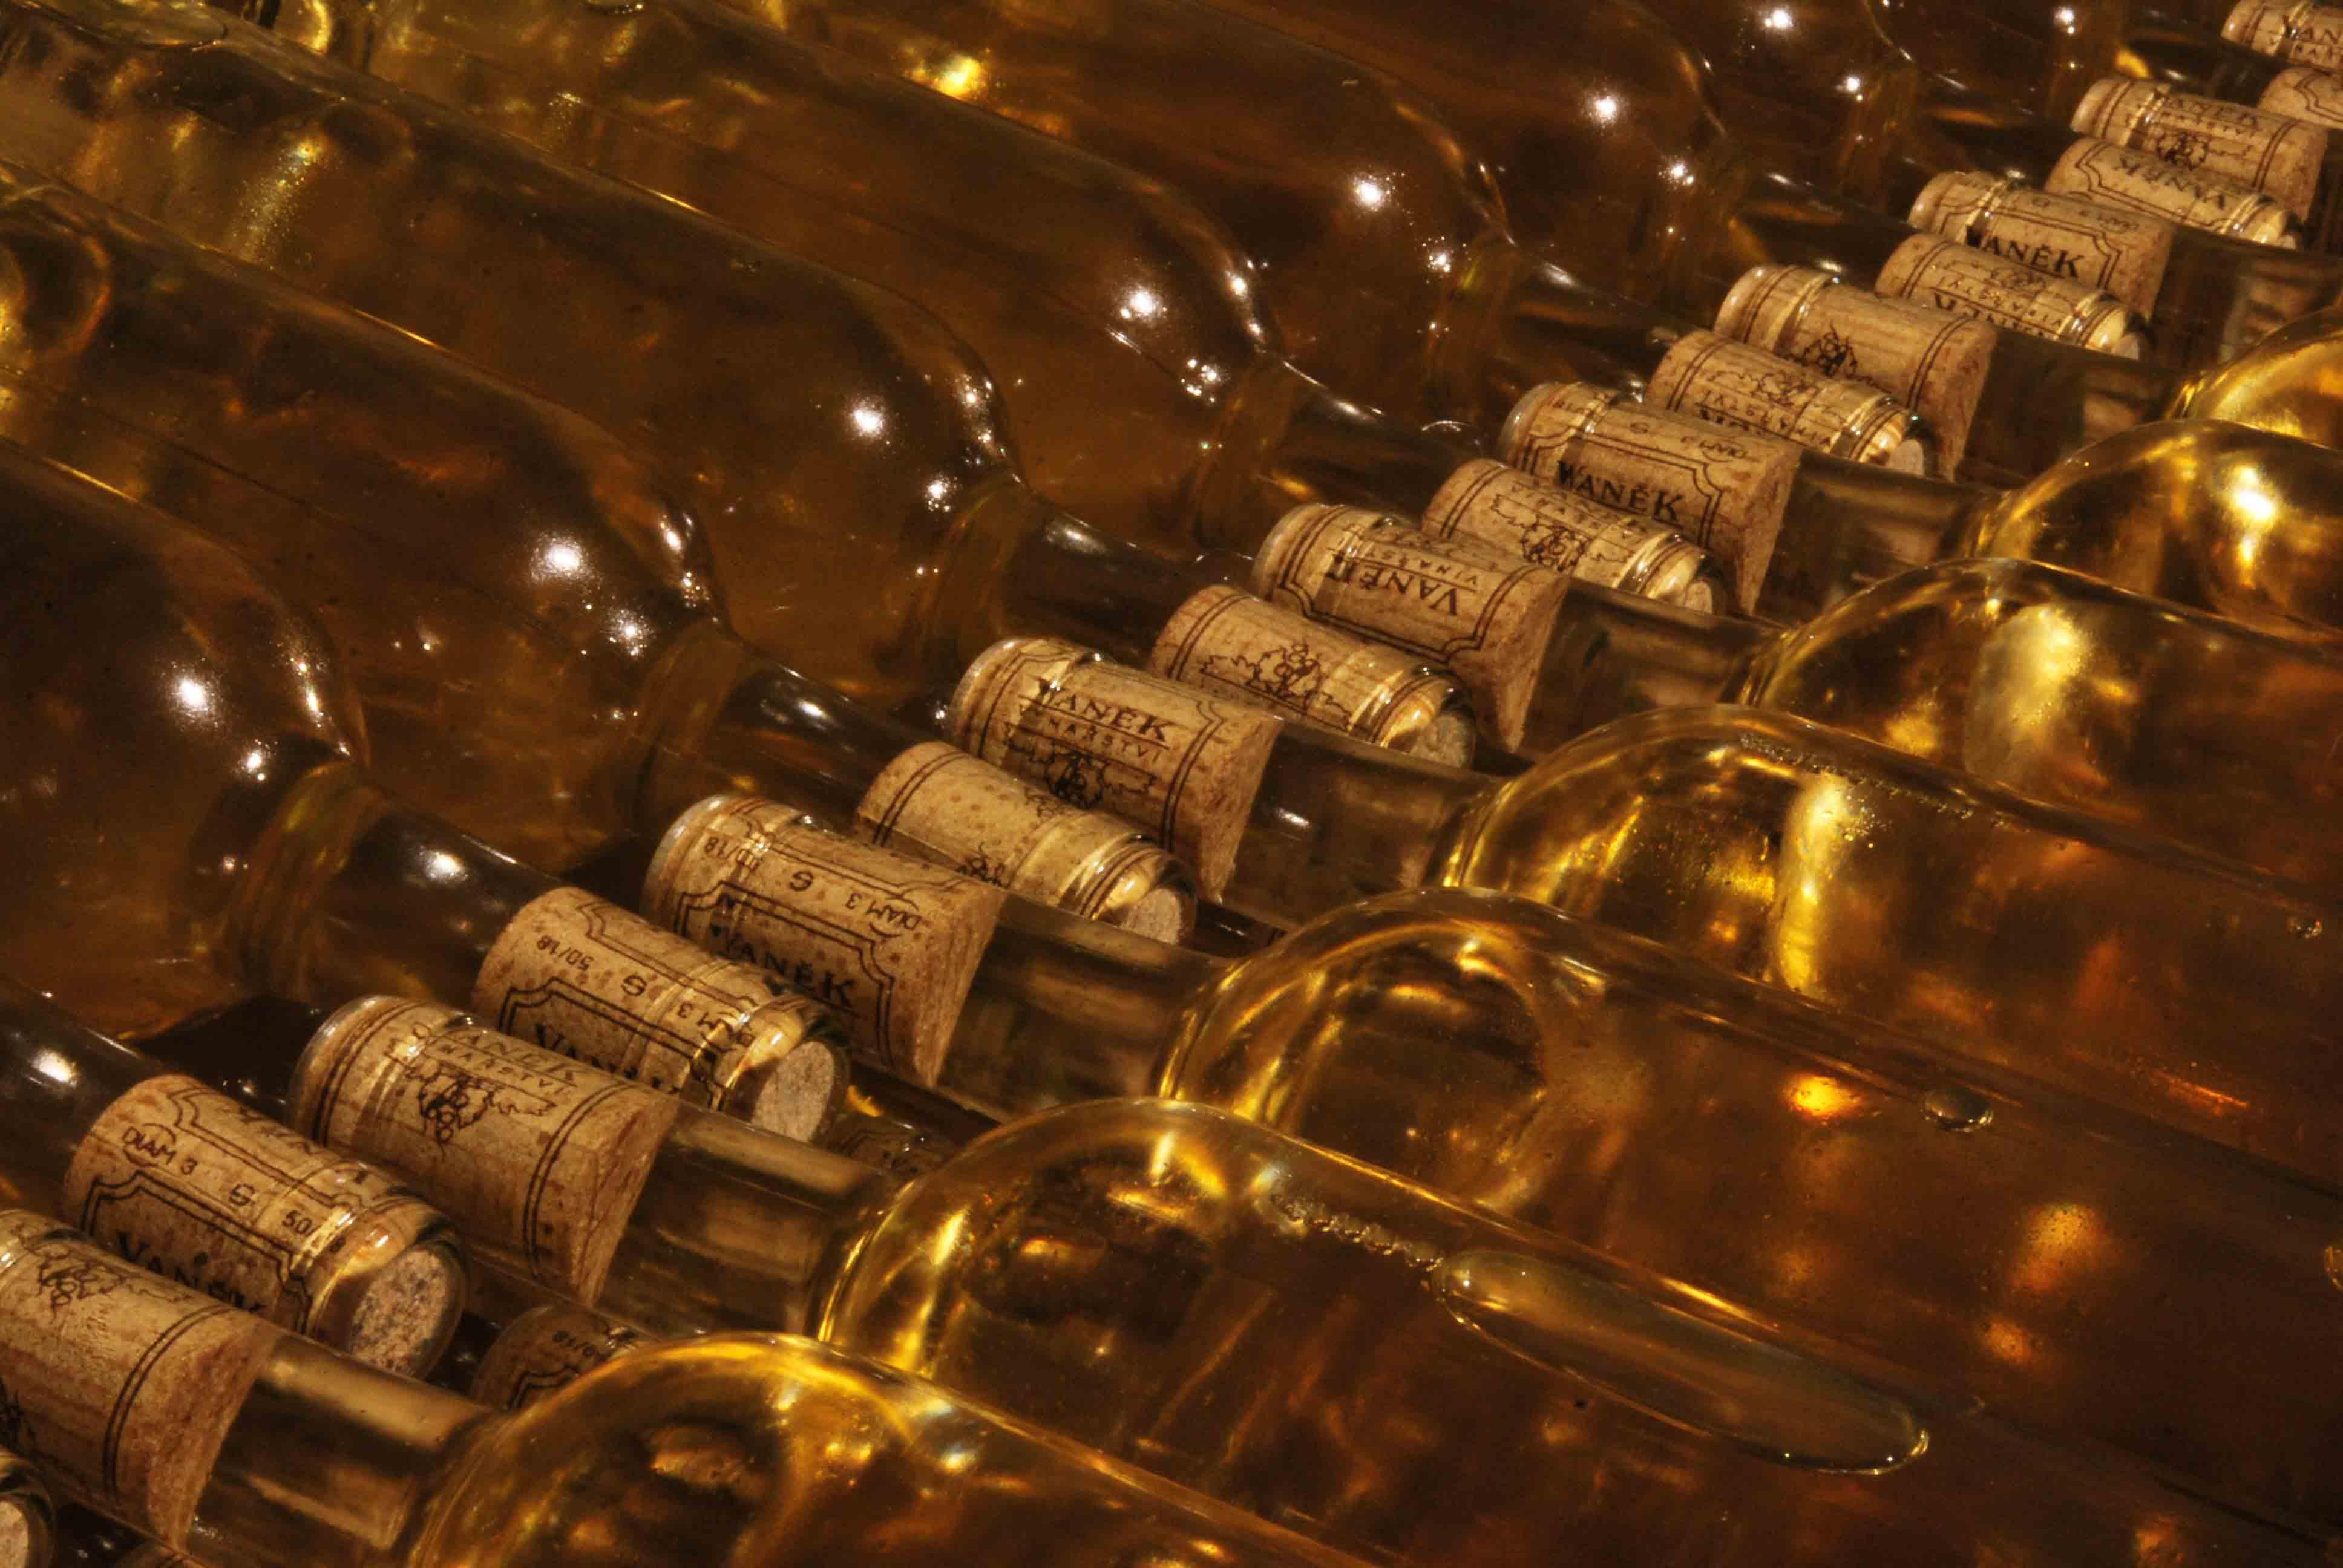 VÍNO VANĚK - nalahvované bílé víno si v klidu zraje, jakoby nic